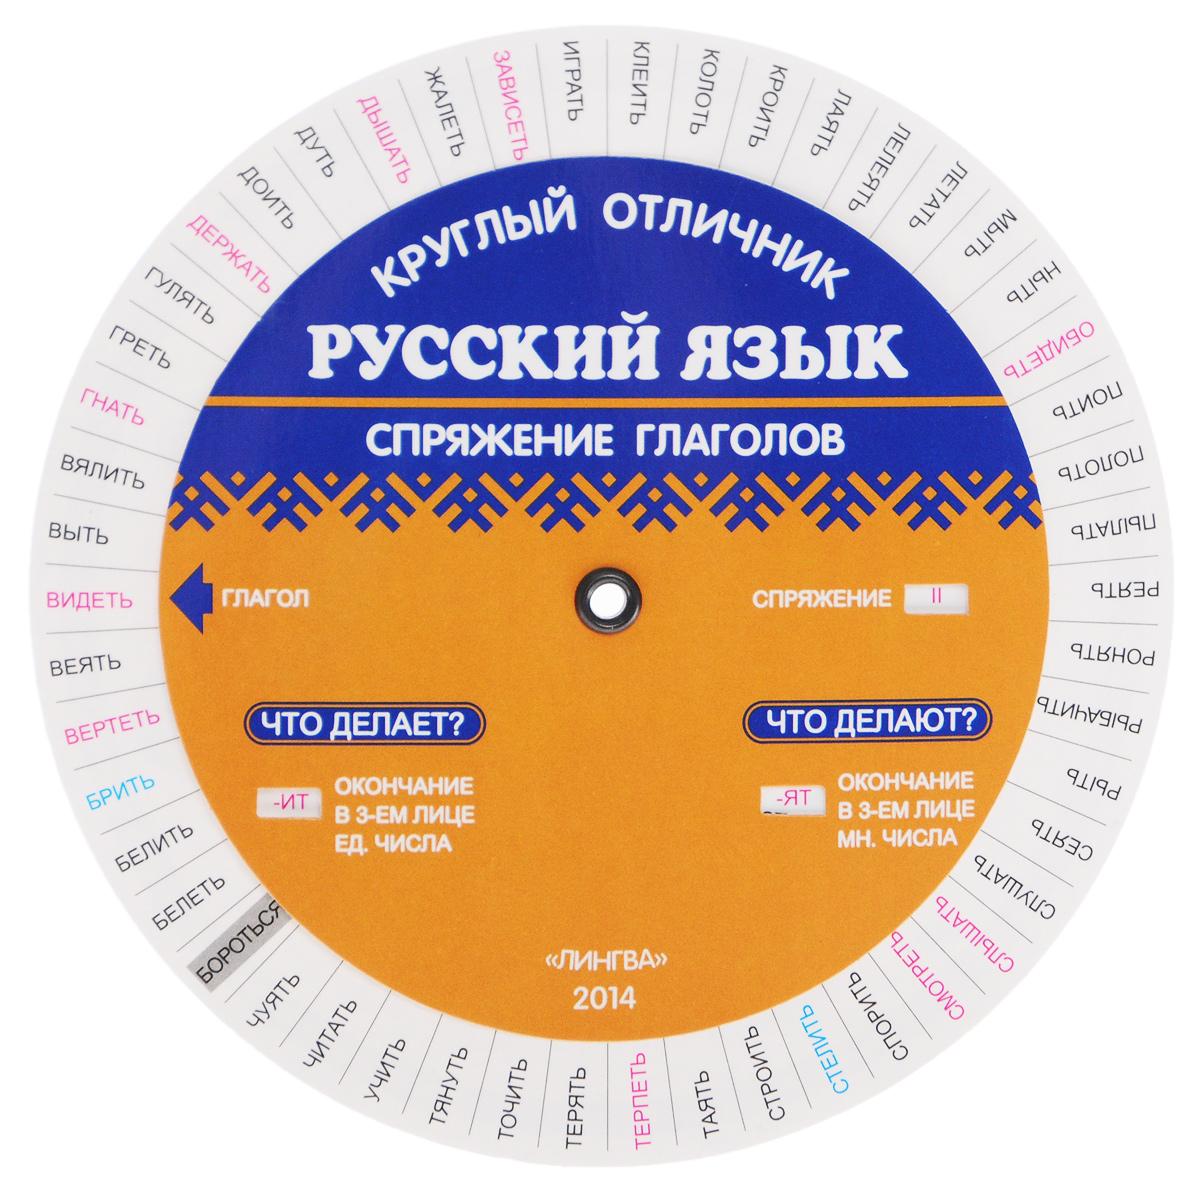 Русский язык. Спряжение глаголов. Таблица карточки итальянский язык тематические карточки для запоминания слов